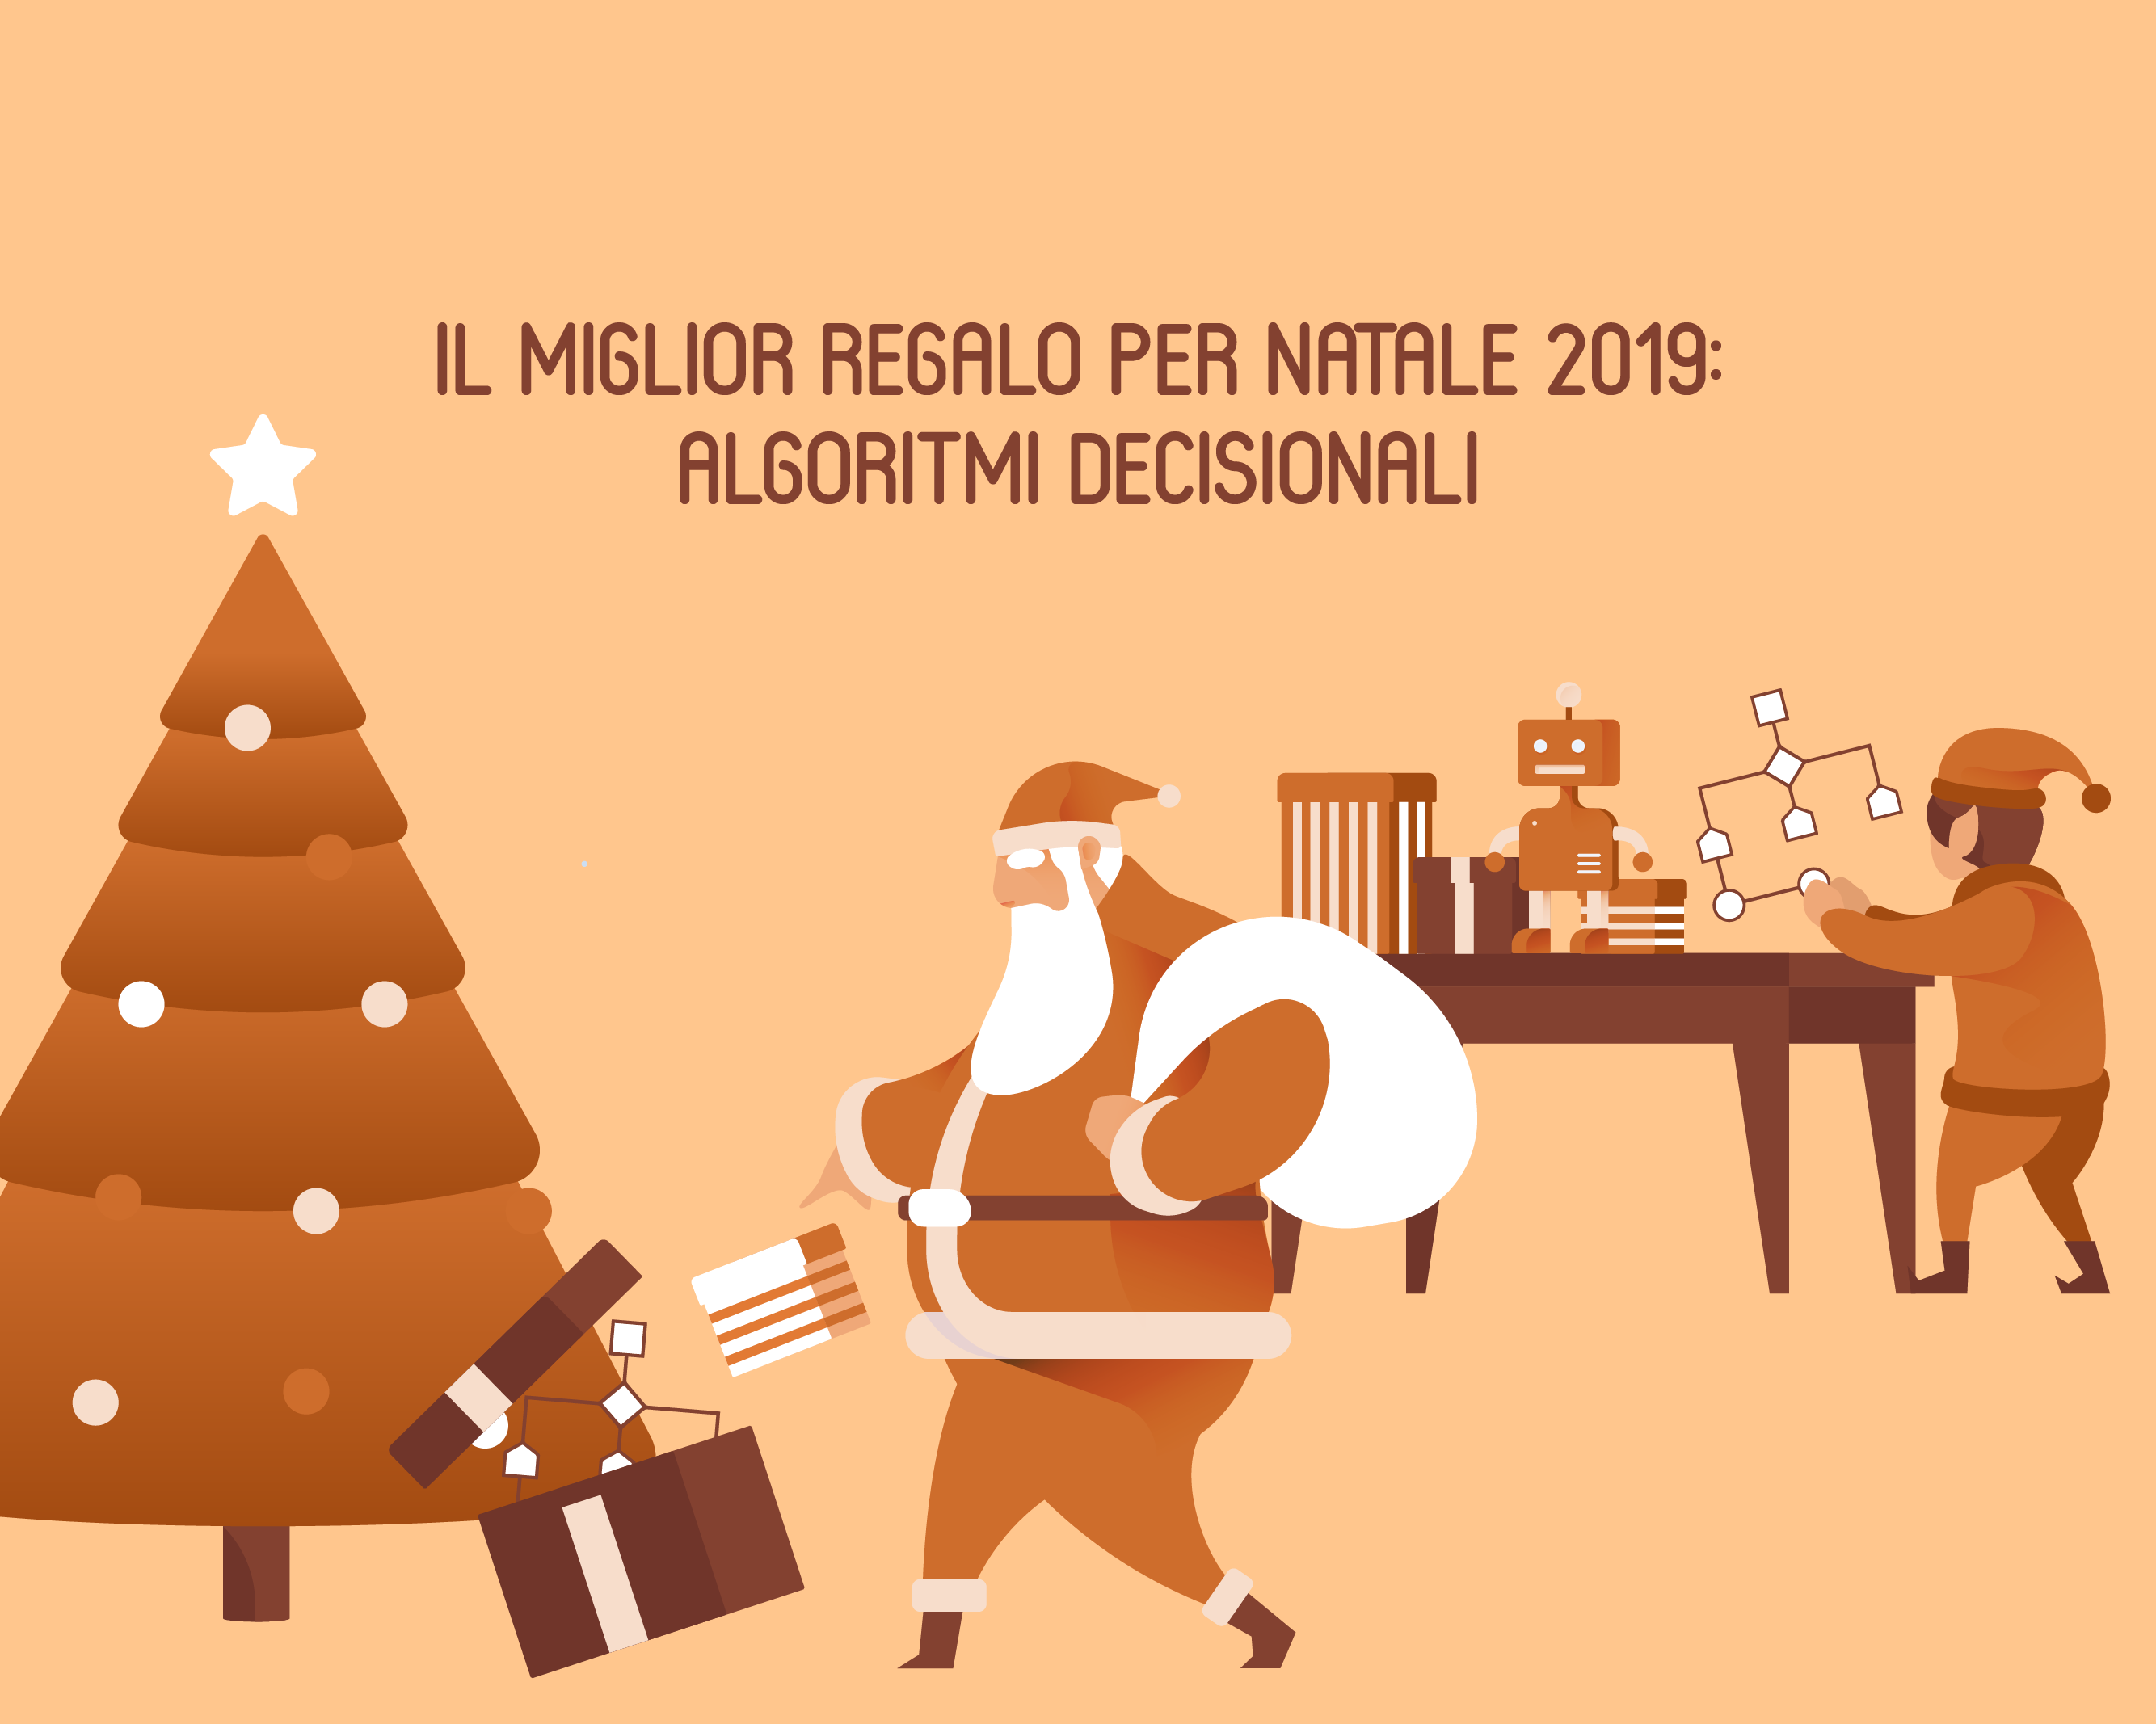 Il miglior regalo per Natale 2019: algoritmi decisionali